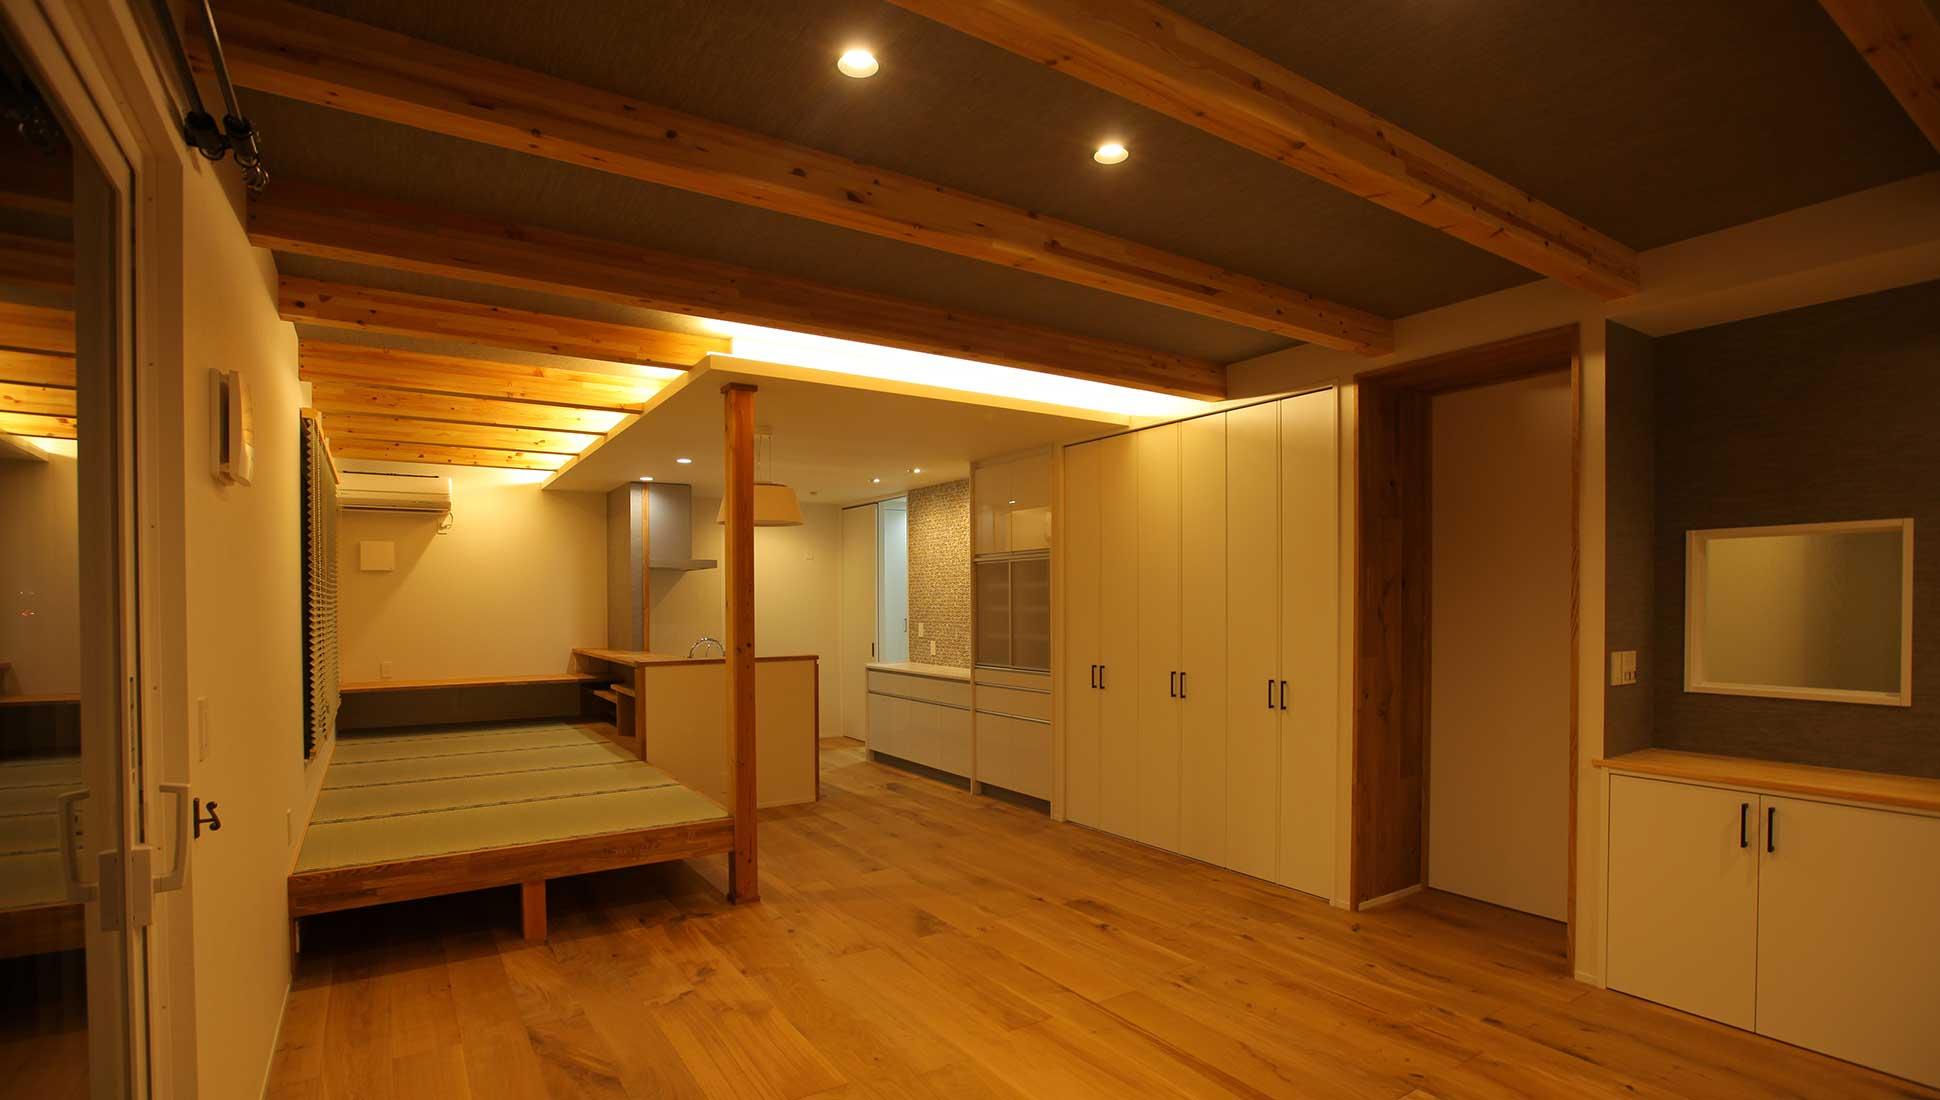 LDKの間接照明ムーディーな雰囲気を作る:自由設計で叶える 免震ダブル断熱 木更津市